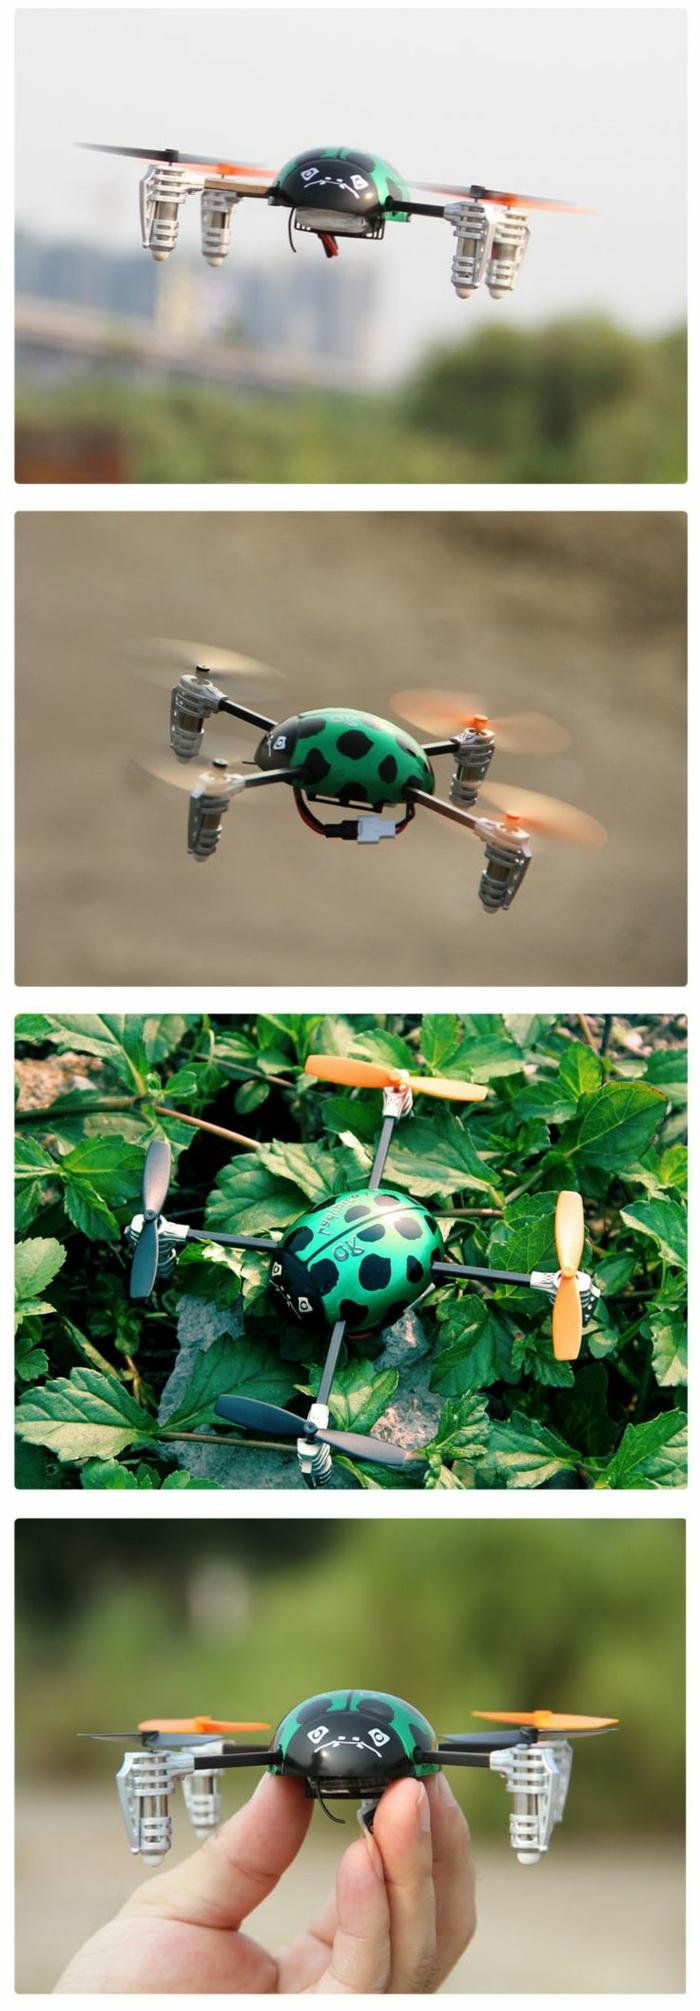 drone-télécommandé-helicoptère-jouet-coccinelle